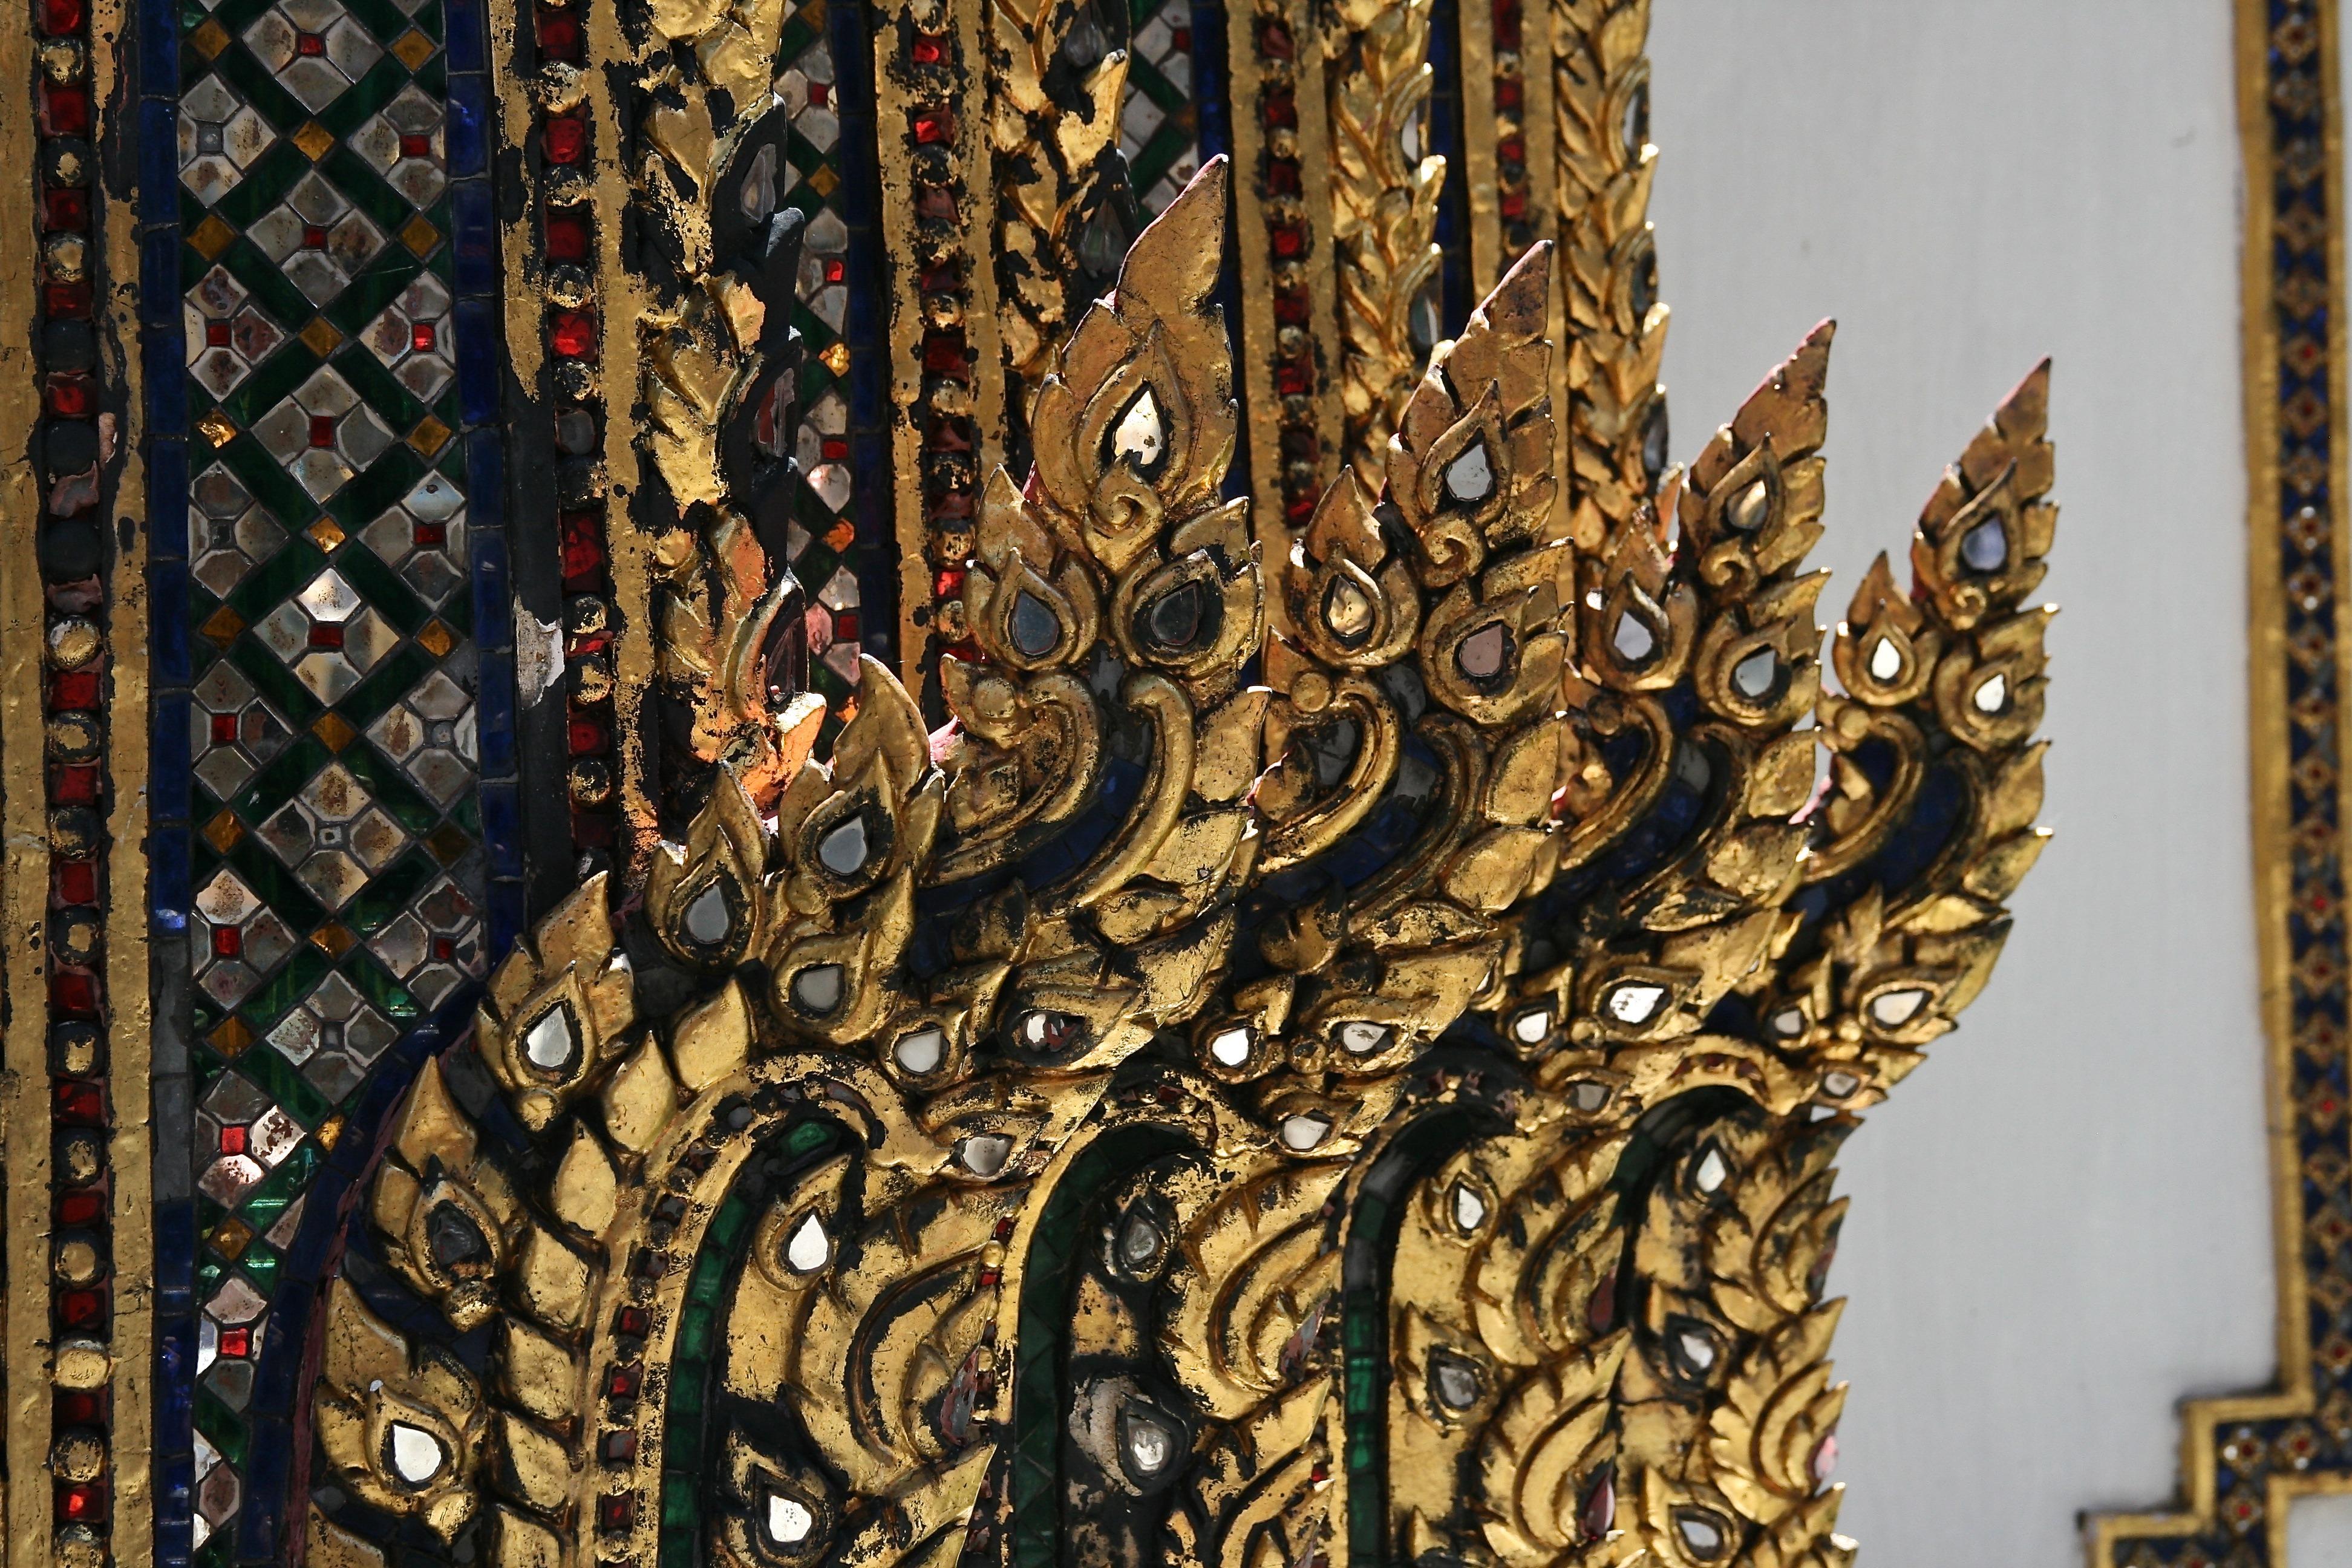 Decoracion tailandesa decoracion tailandesa tailands - Muebles de tailandia ...